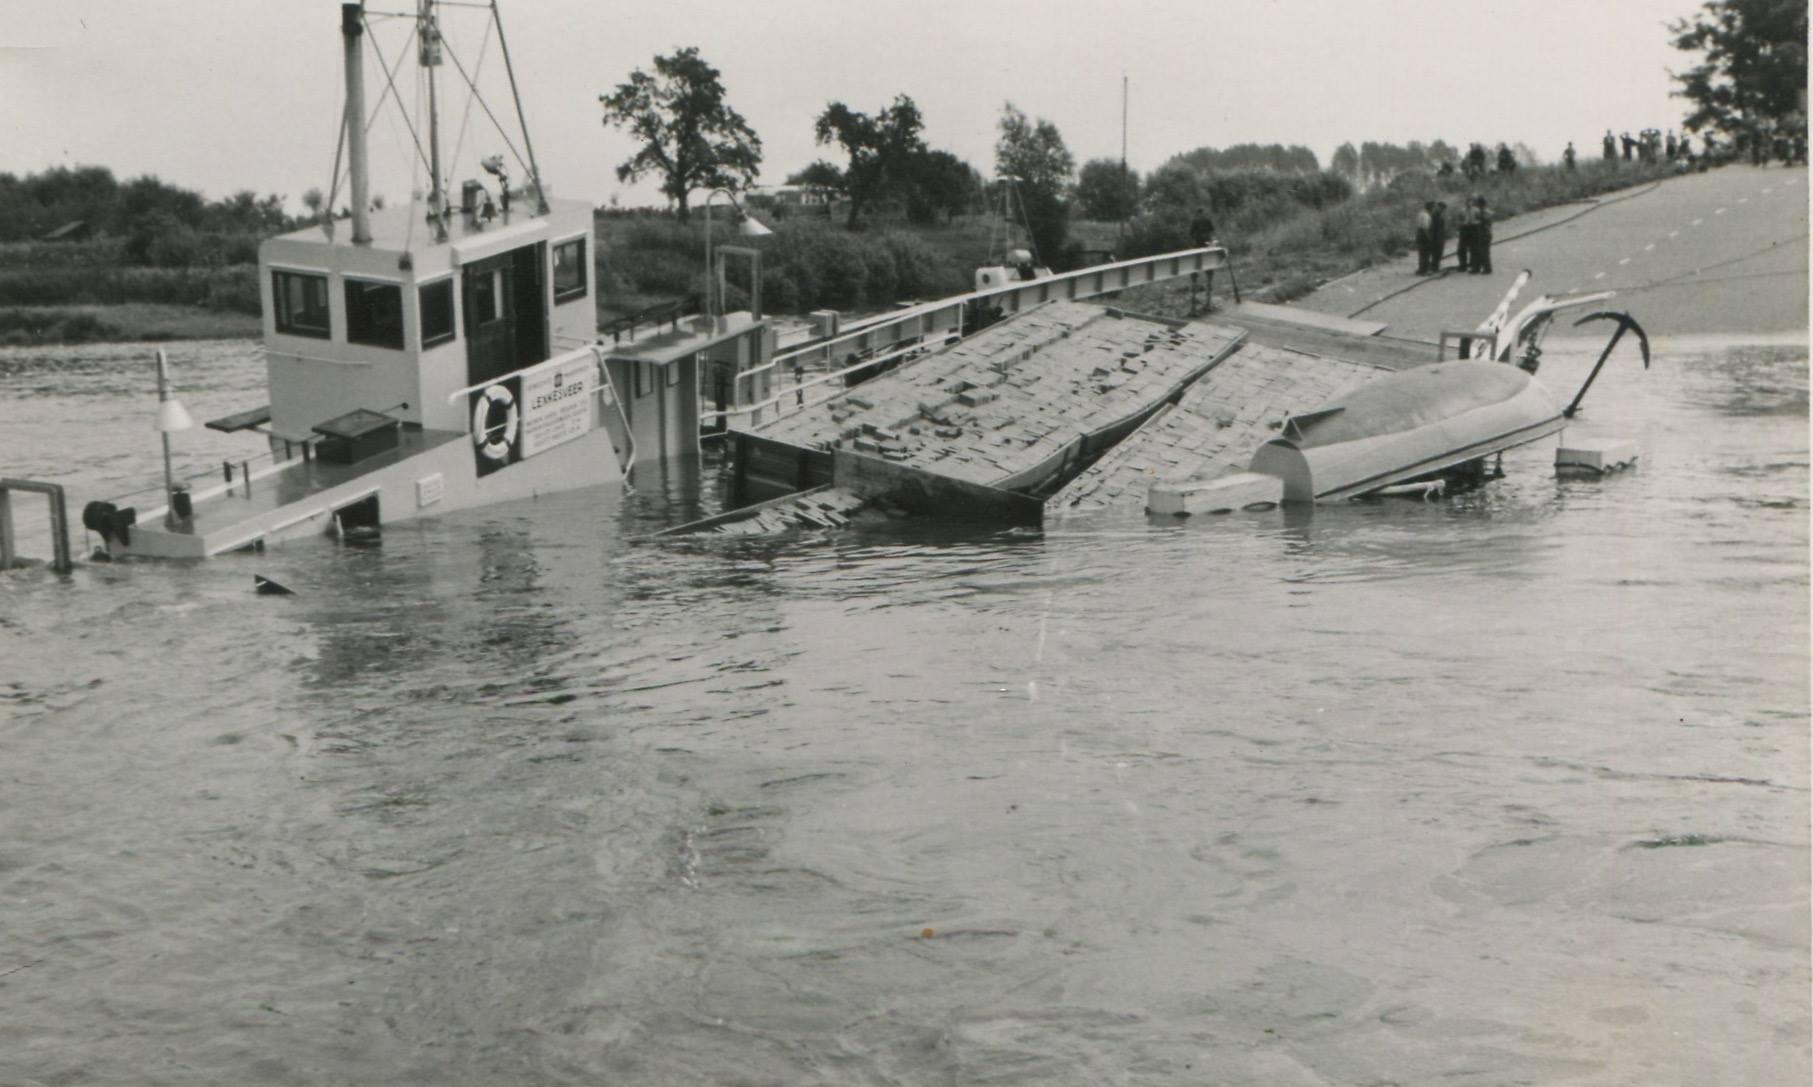 1957-foto-gemaakt-door-Jac-Rauws-ingezonden-door-Willem-Ruisch-Veerpont-Lexkesveer-Eageningen-Randwijk-1